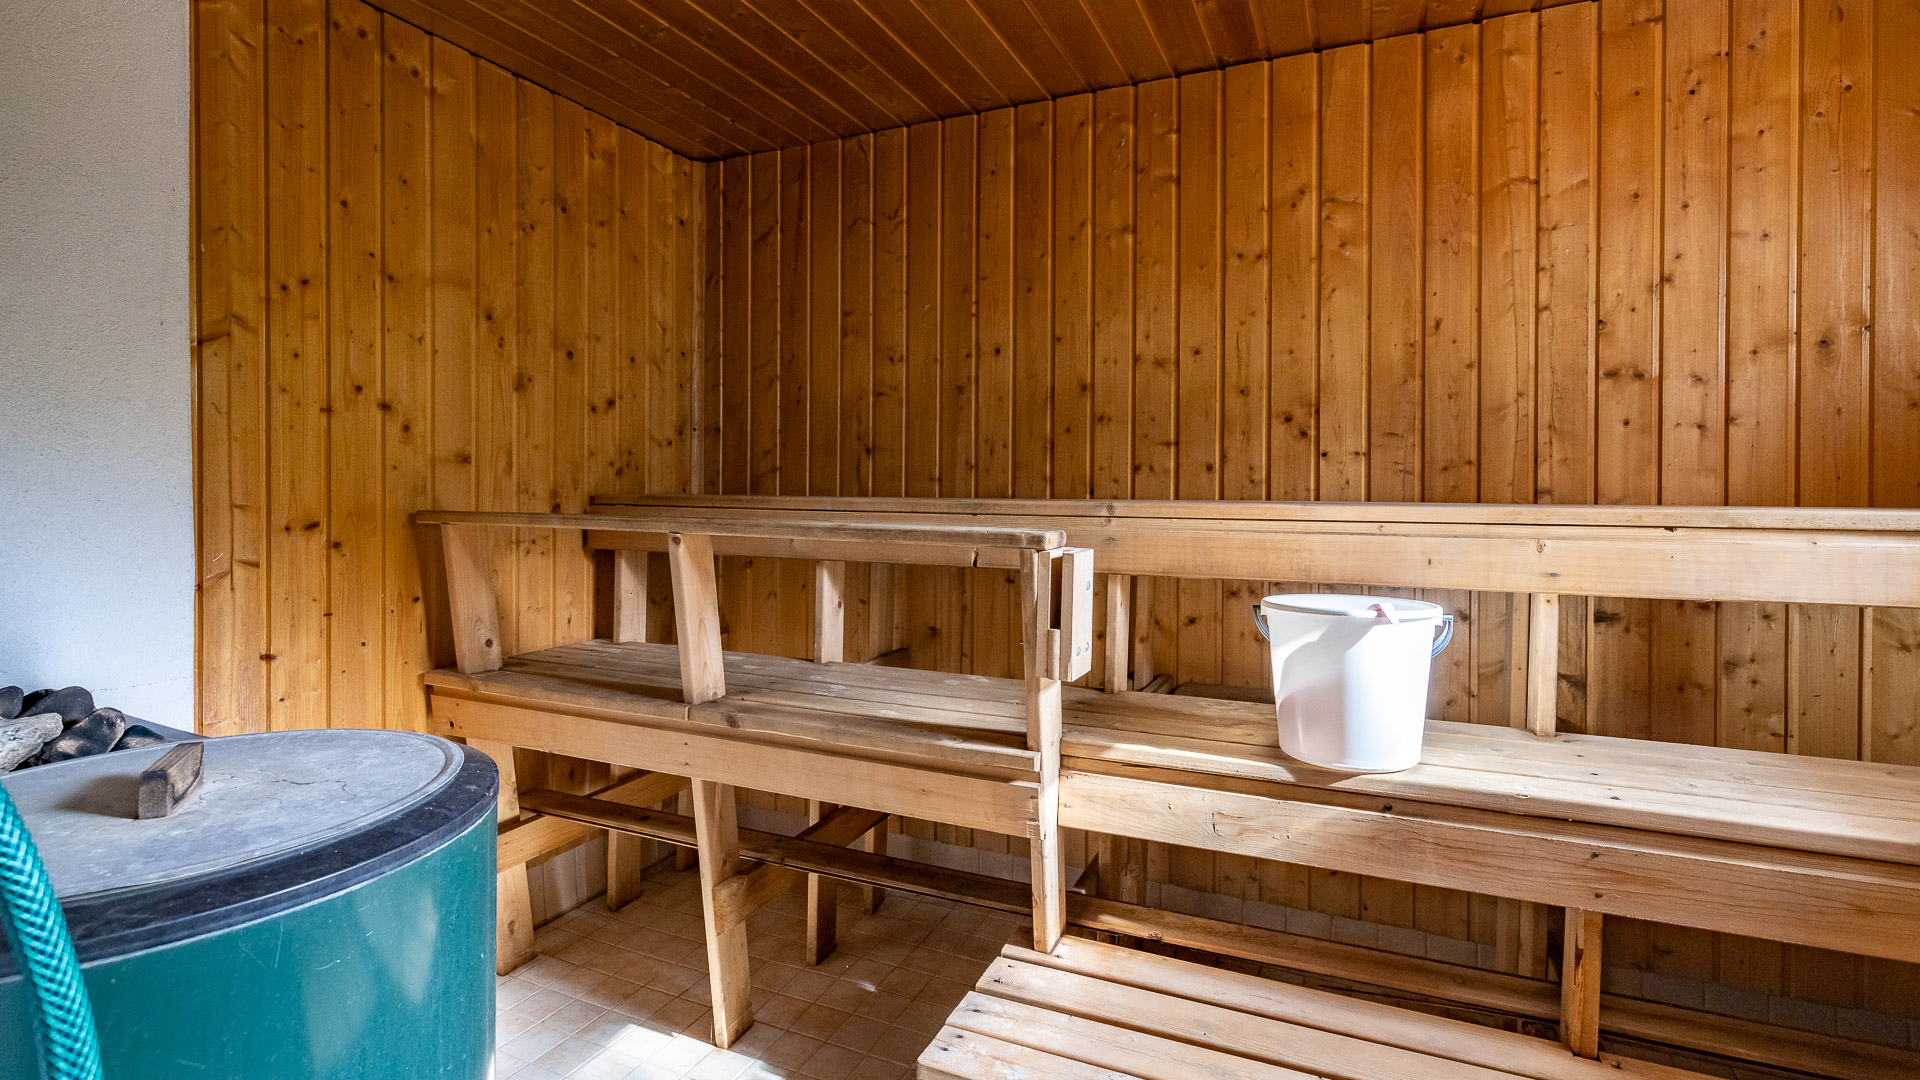 Niinimaja sauna Jämijärvi